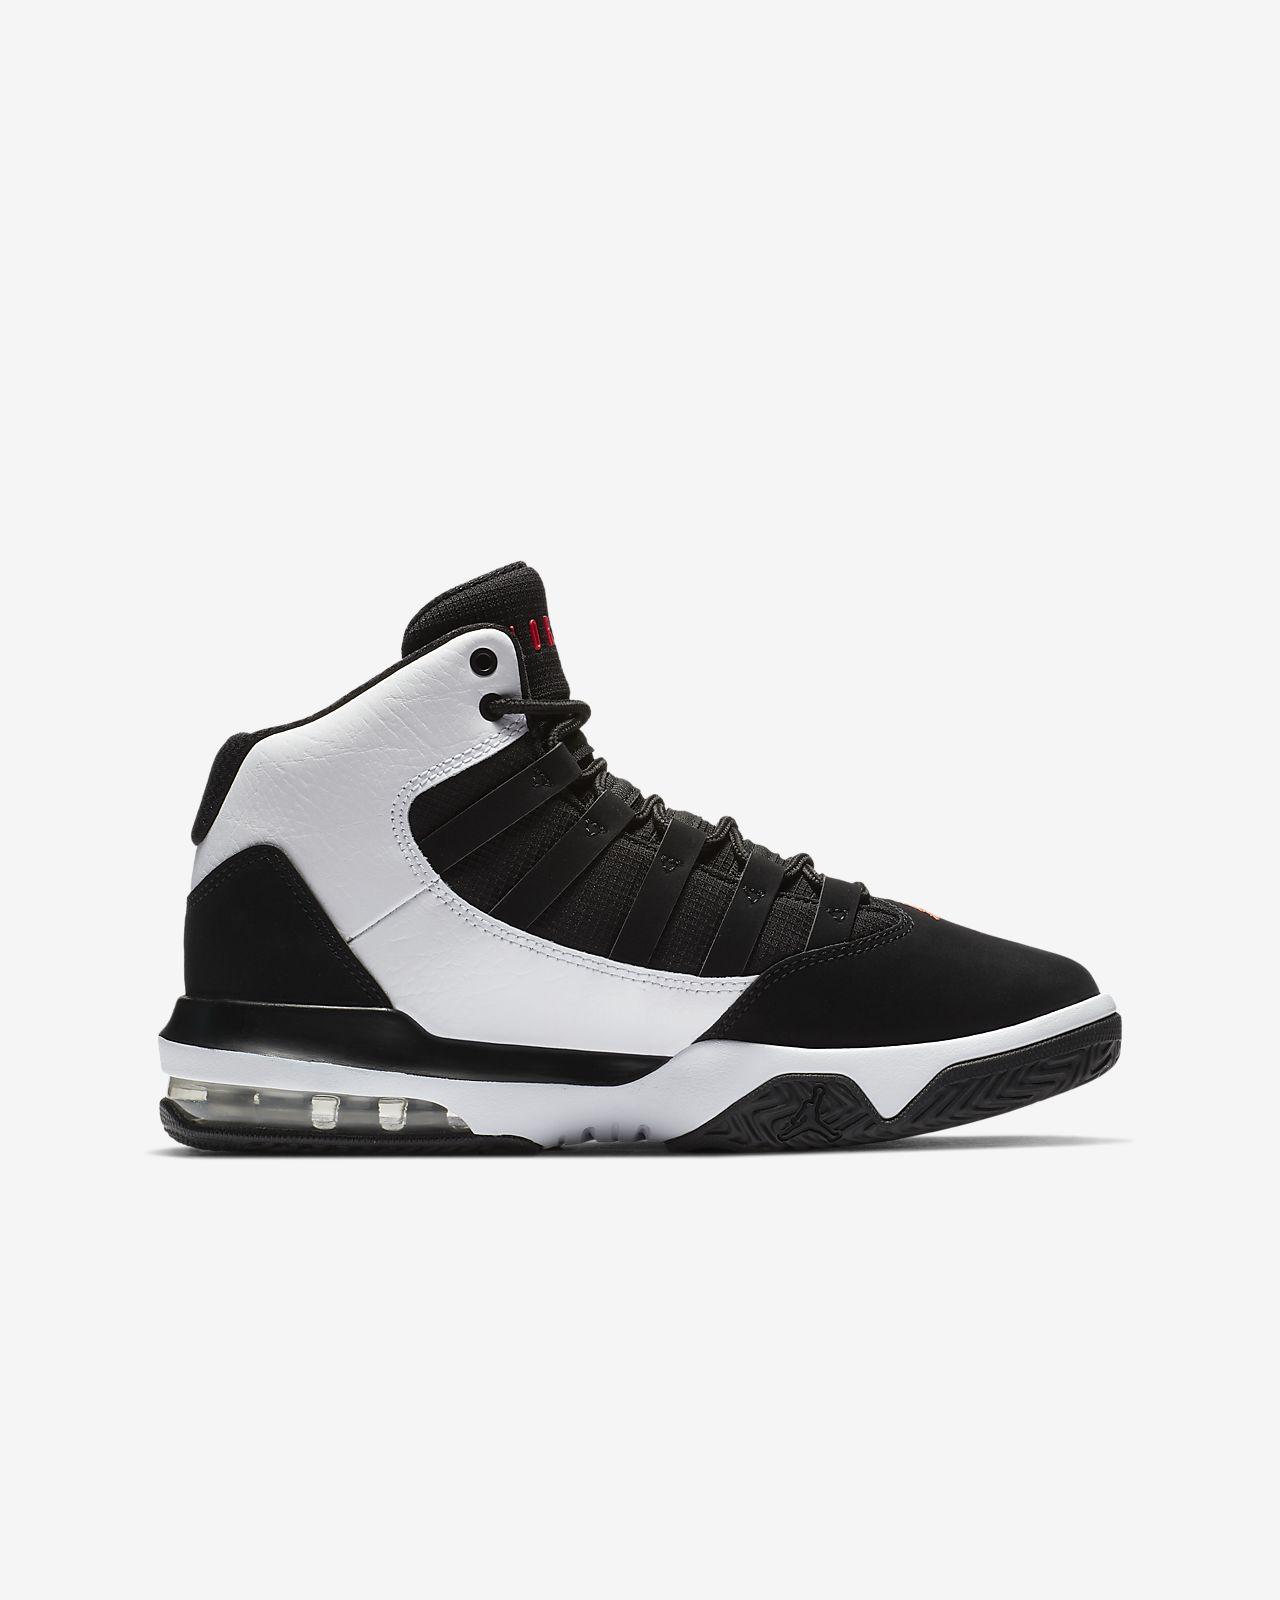 42c425b93a72a8 Jordan Max Aura Older Kids  Shoe. Nike.com SA